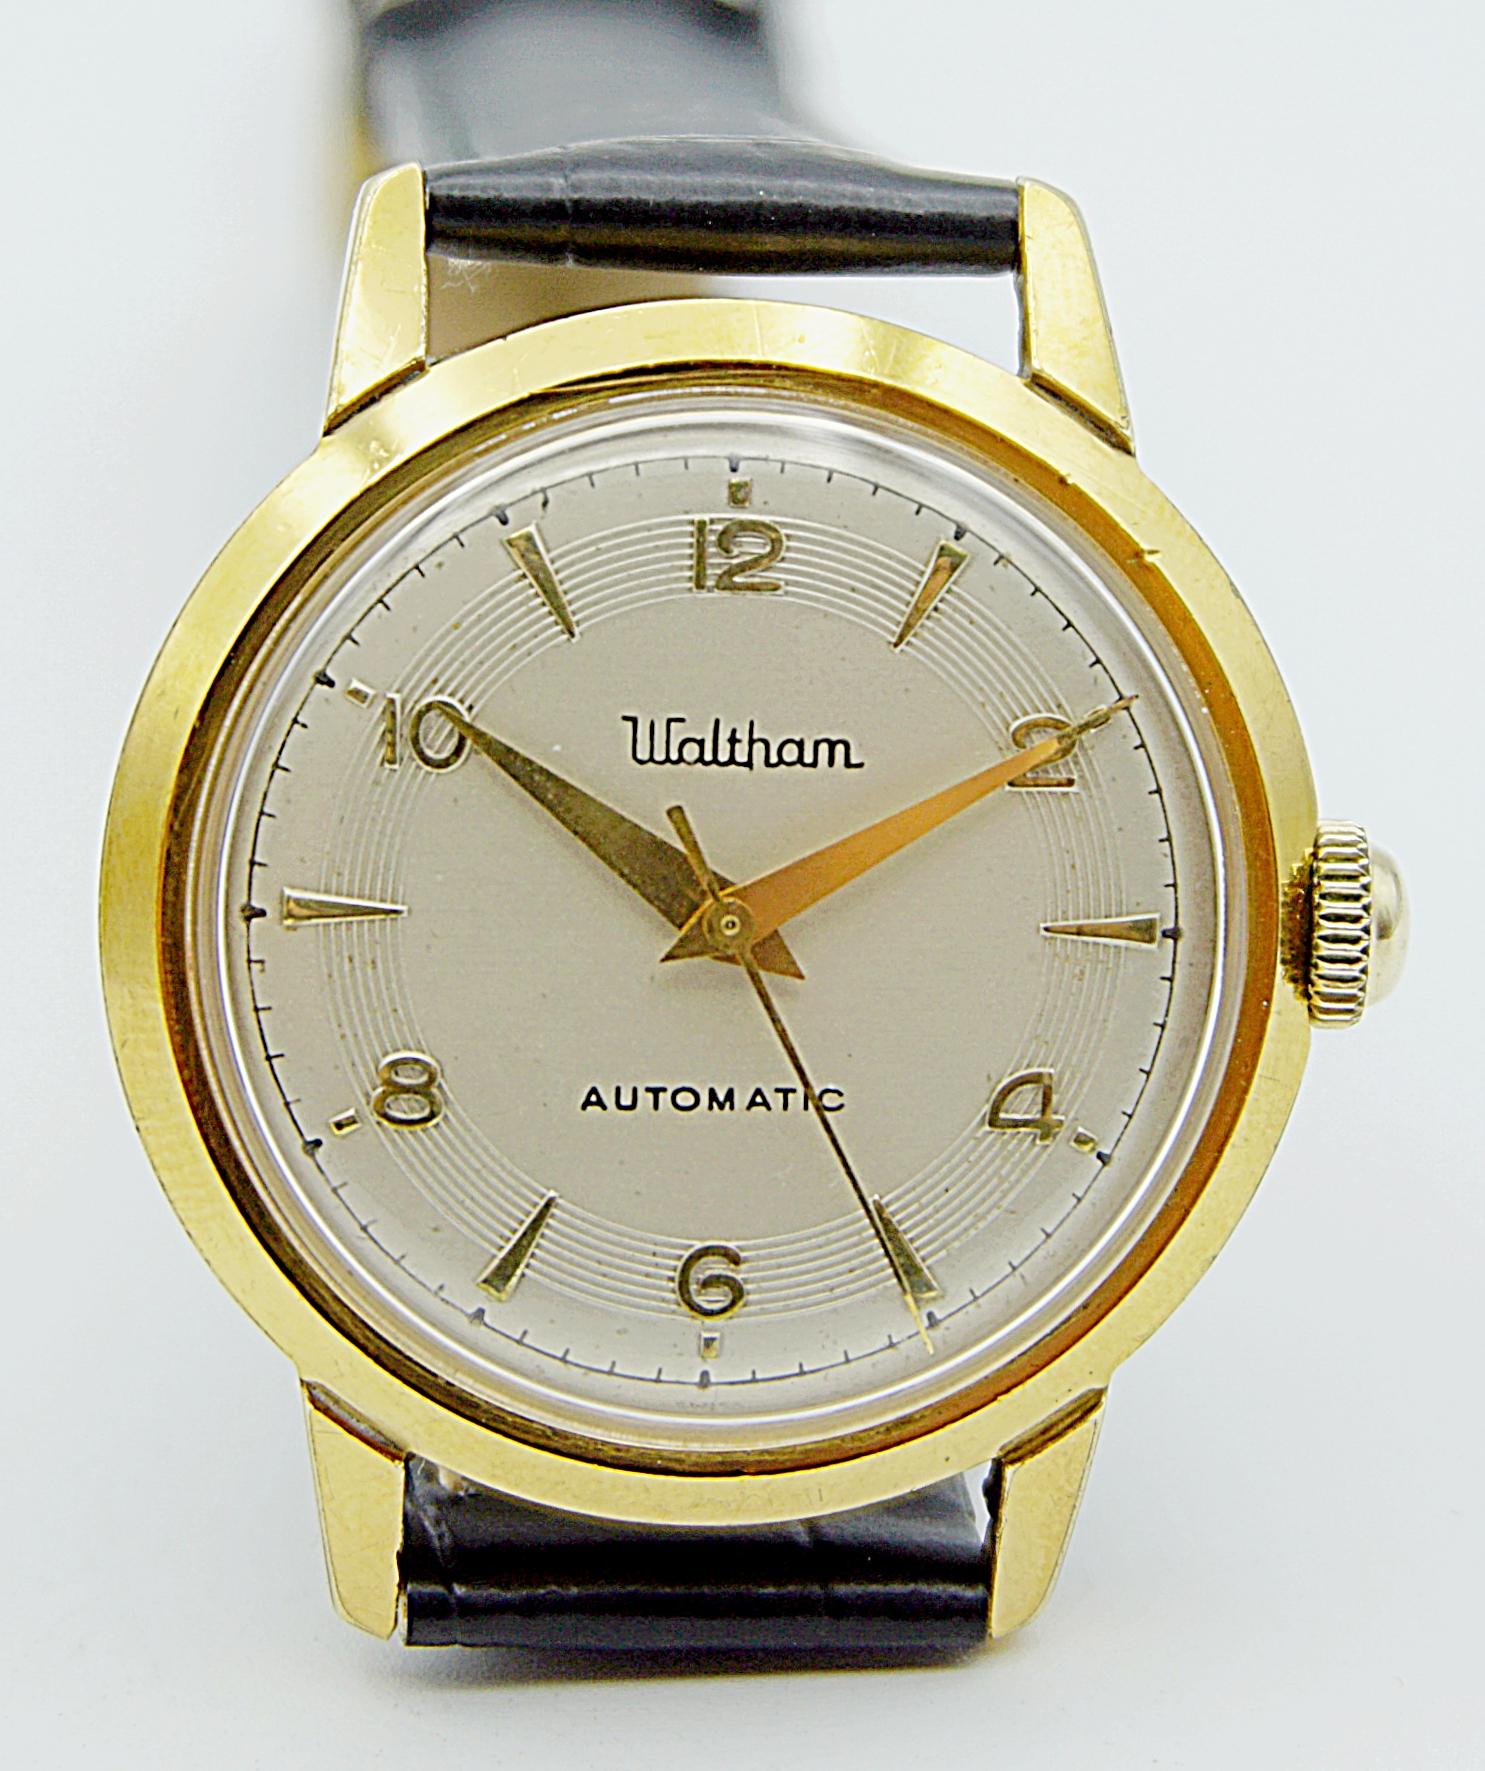 นาฬิกาเก่า WALTHAM ออโตเมติก